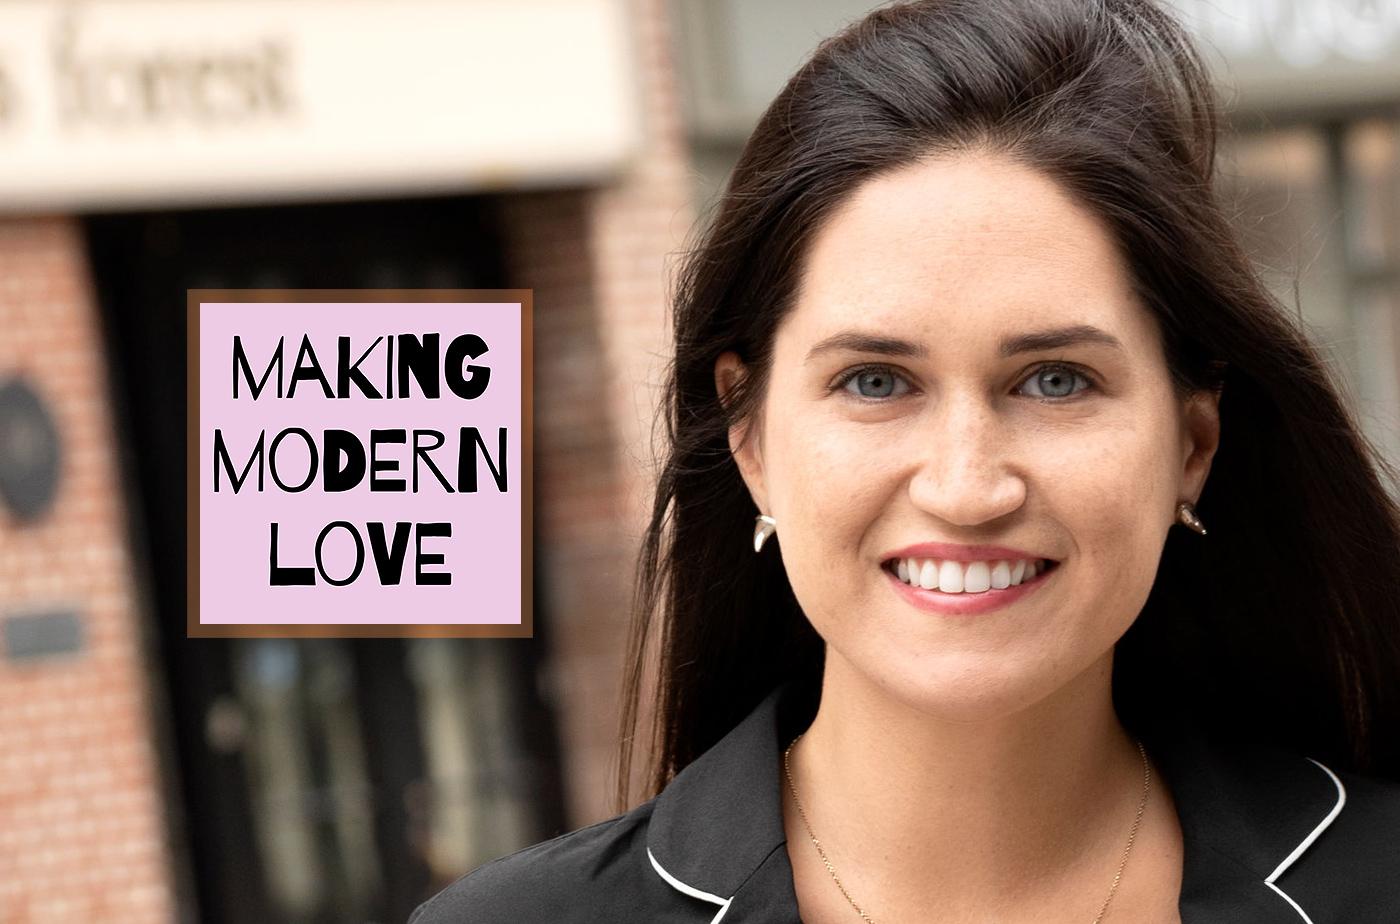 Catapult  classes: Jessica Ciencin Henriquez, 4-Week Nonfiction Workshop: Making Modern Love, Nonfiction, Workshop